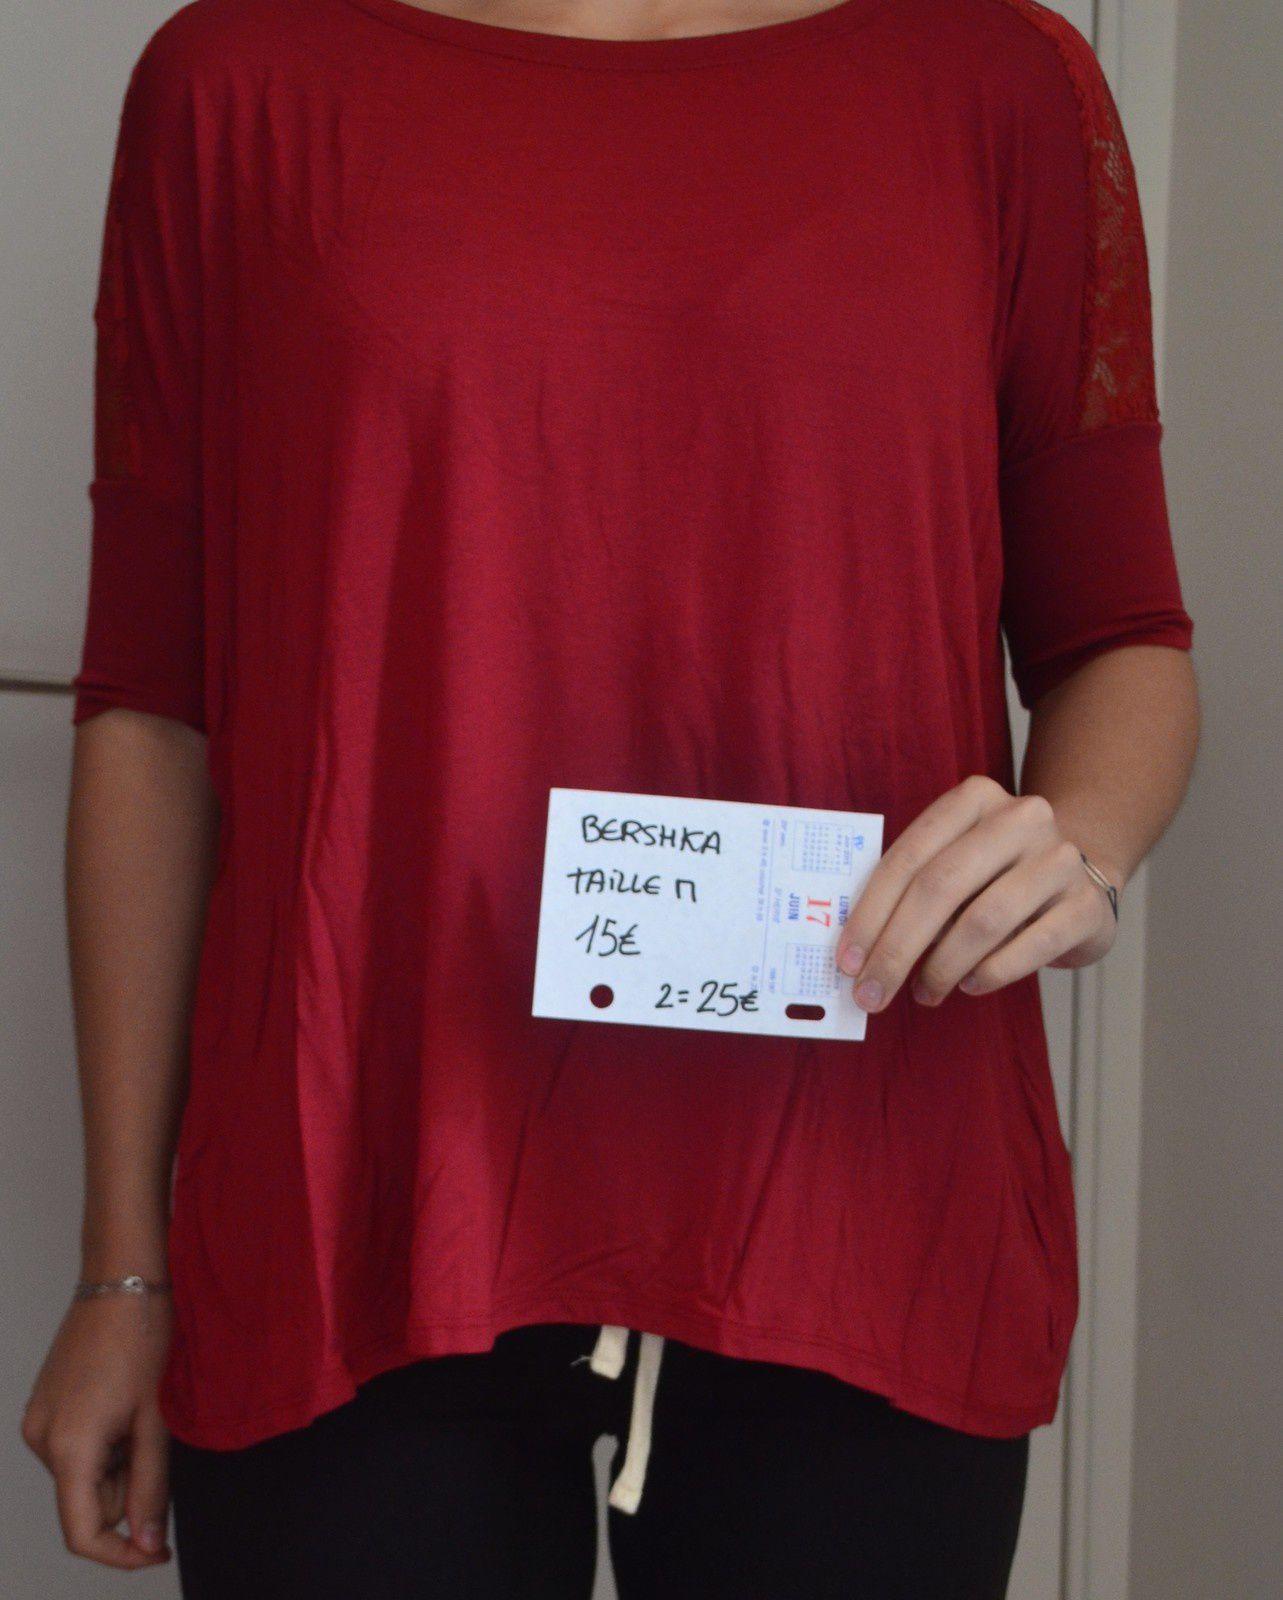 T-Shirt ample, dentelle Zipé Bershka / Corail & Bordeaux Taille M / 1= 15€ 2= 25€